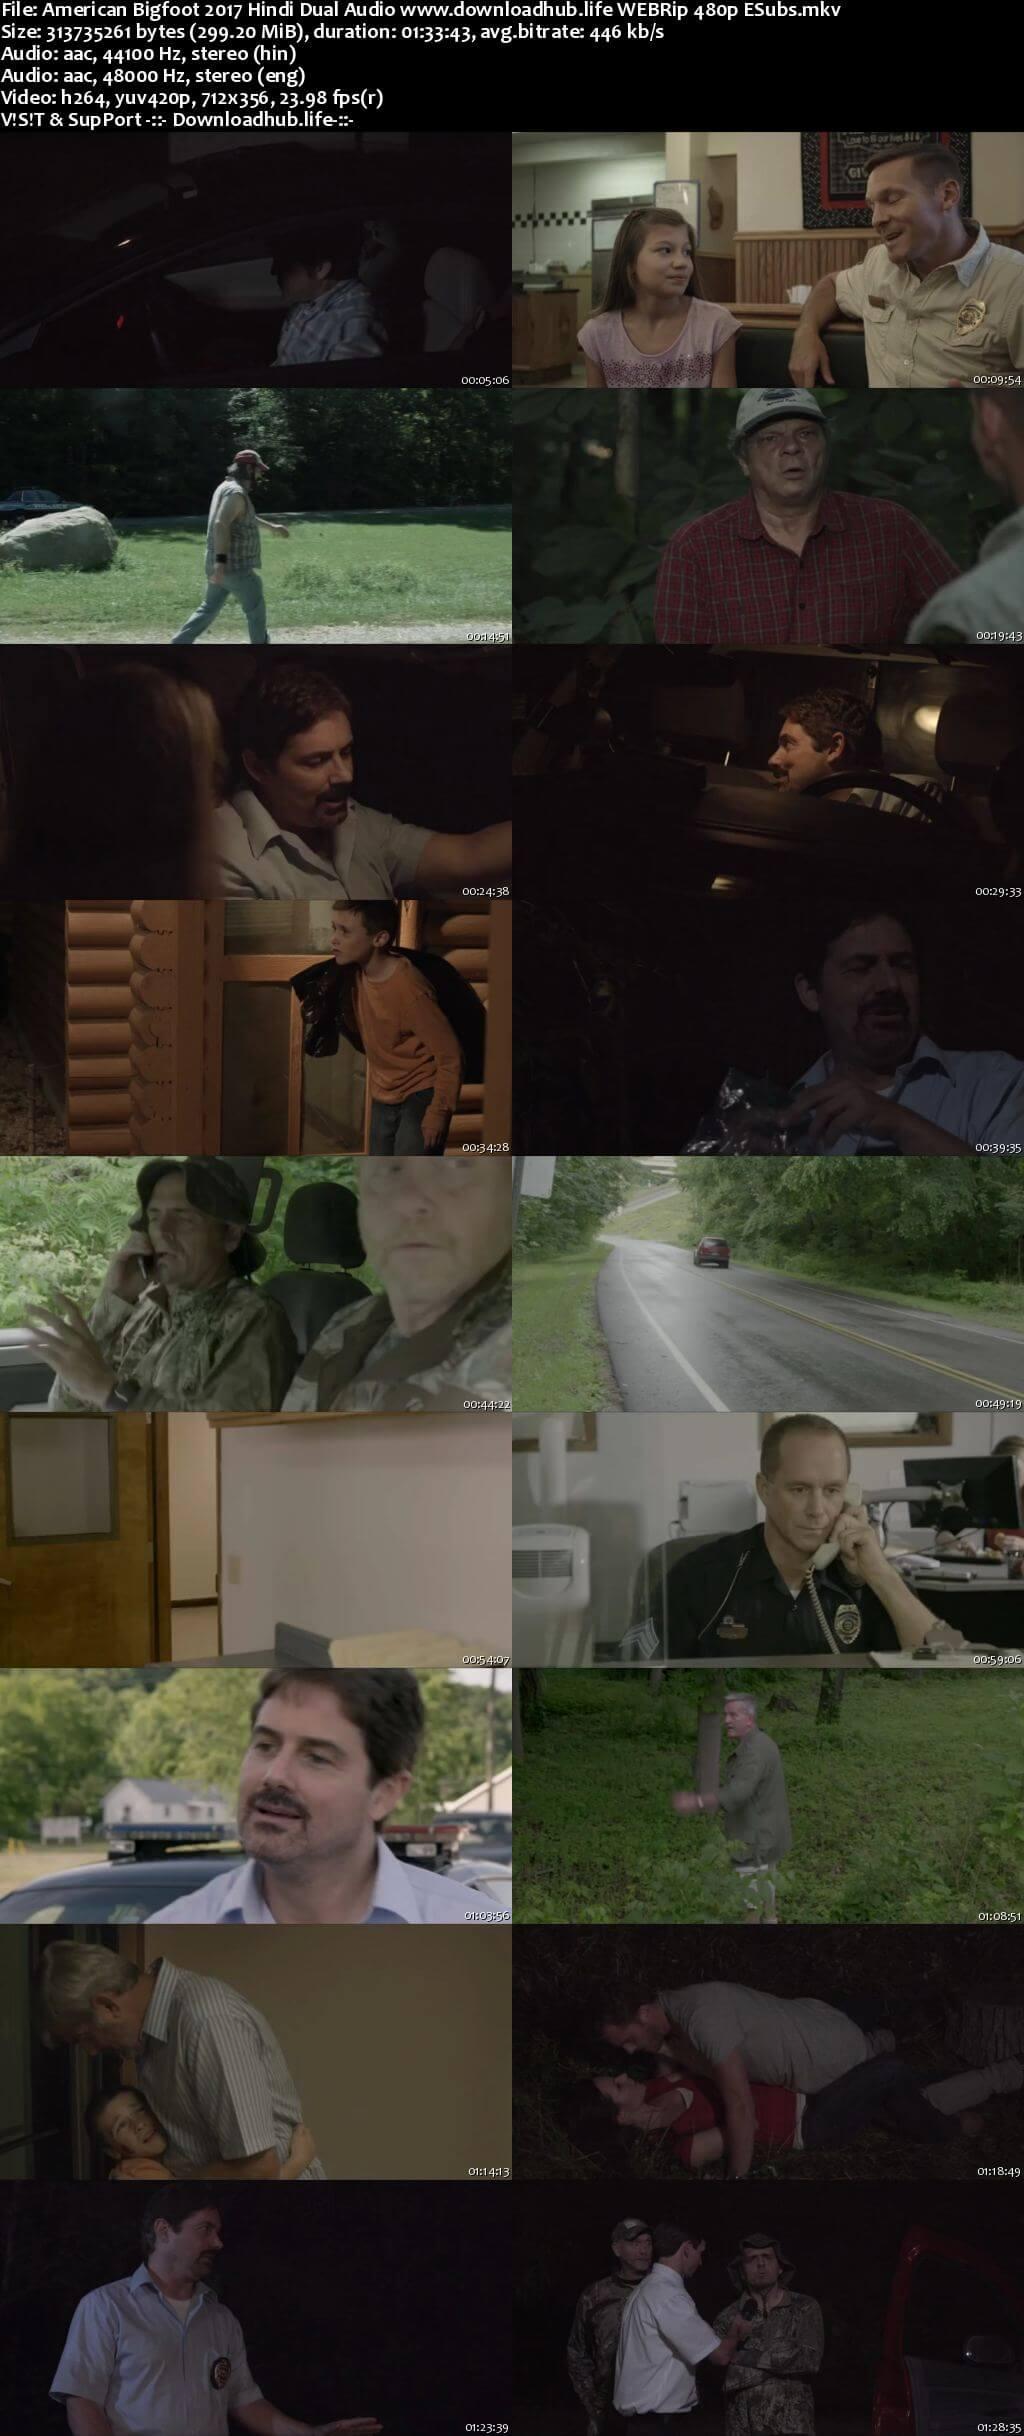 American Bigfoot 2017 Hindi Dual Audio 300MB WEBRip 480p ESubs